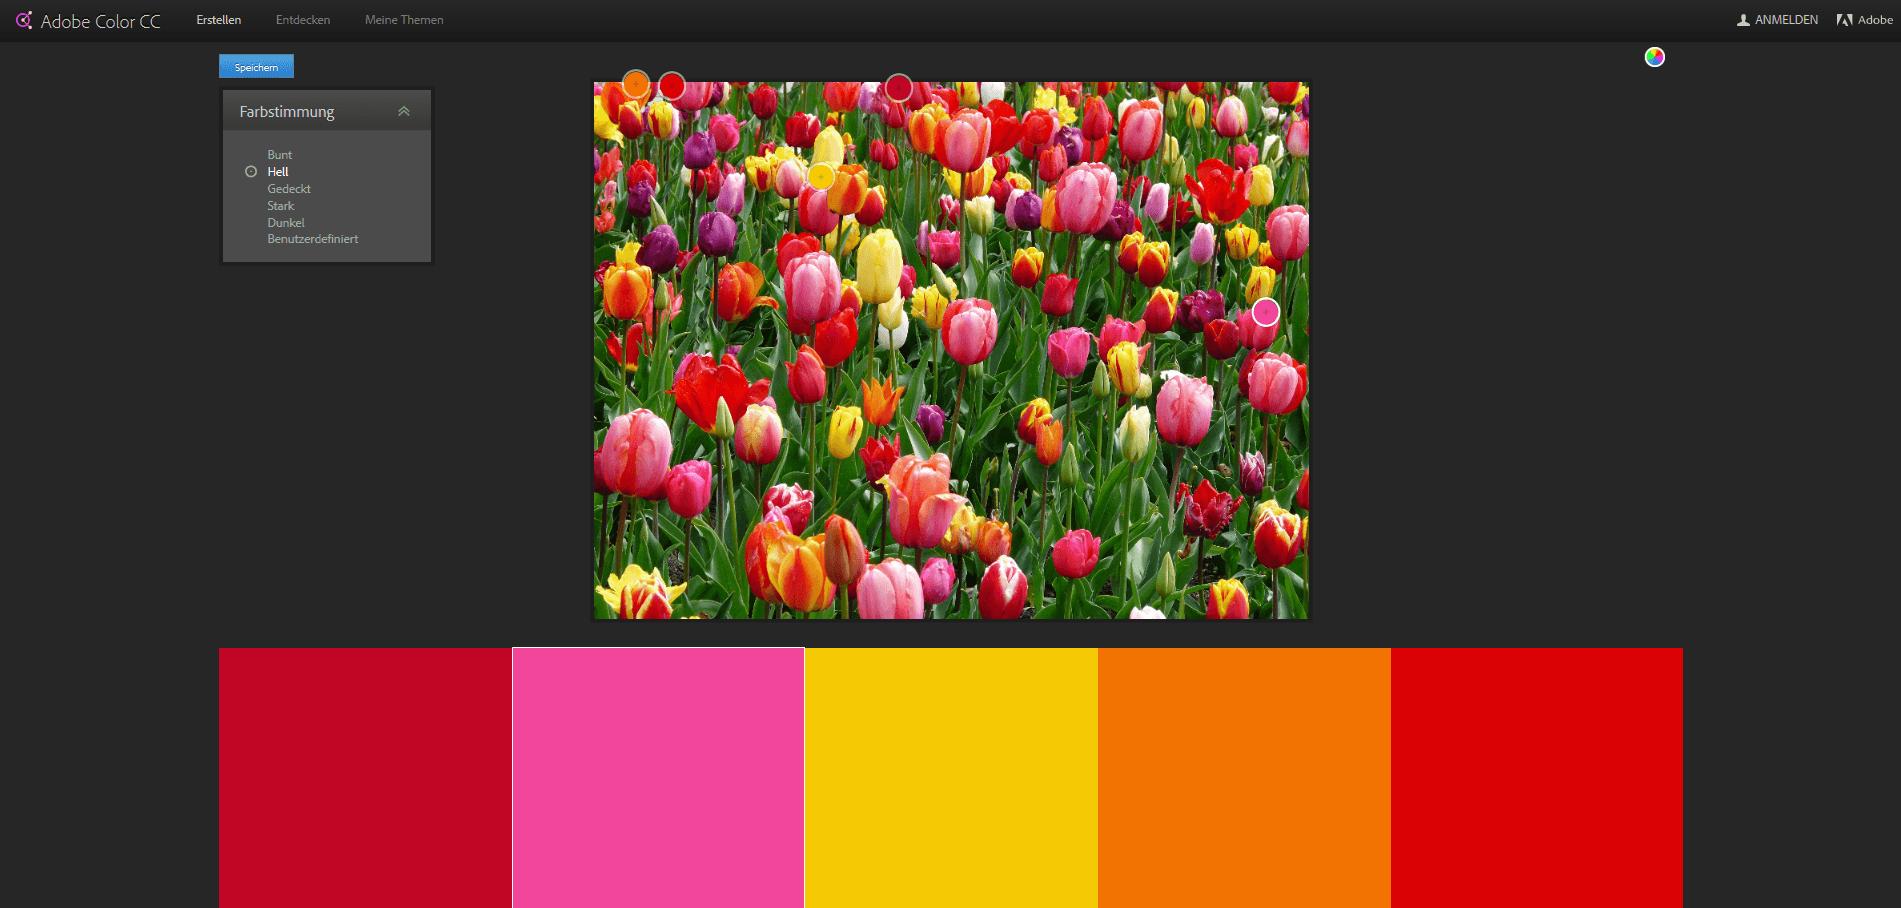 Farbdesigns aus Bildern generieren mit Adobe Color CC